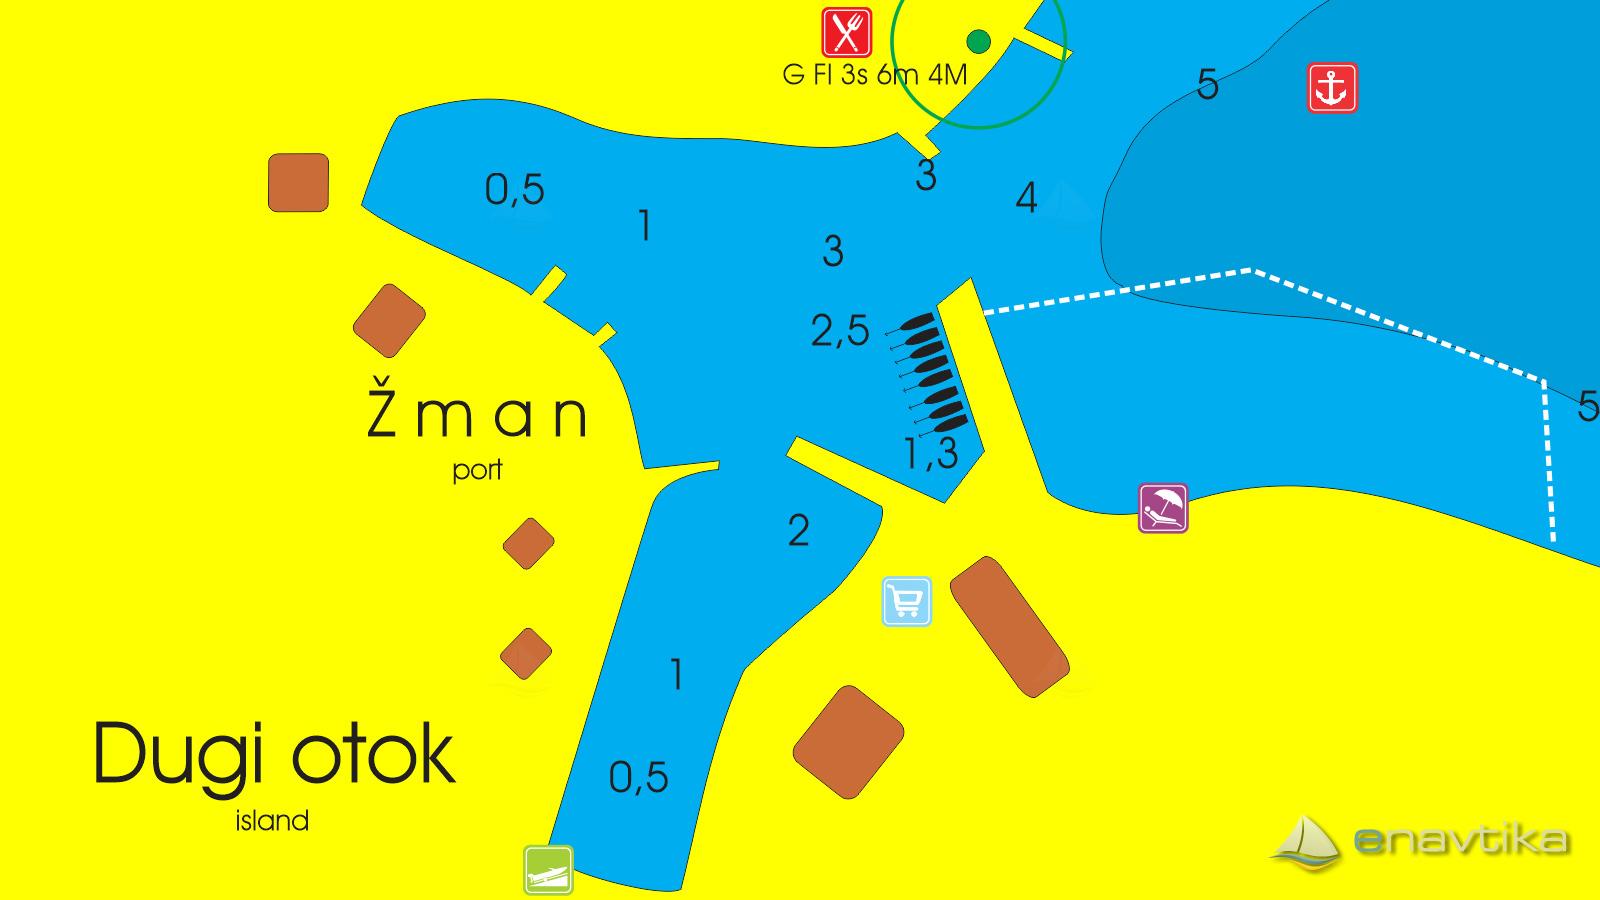 Slika Žman 2